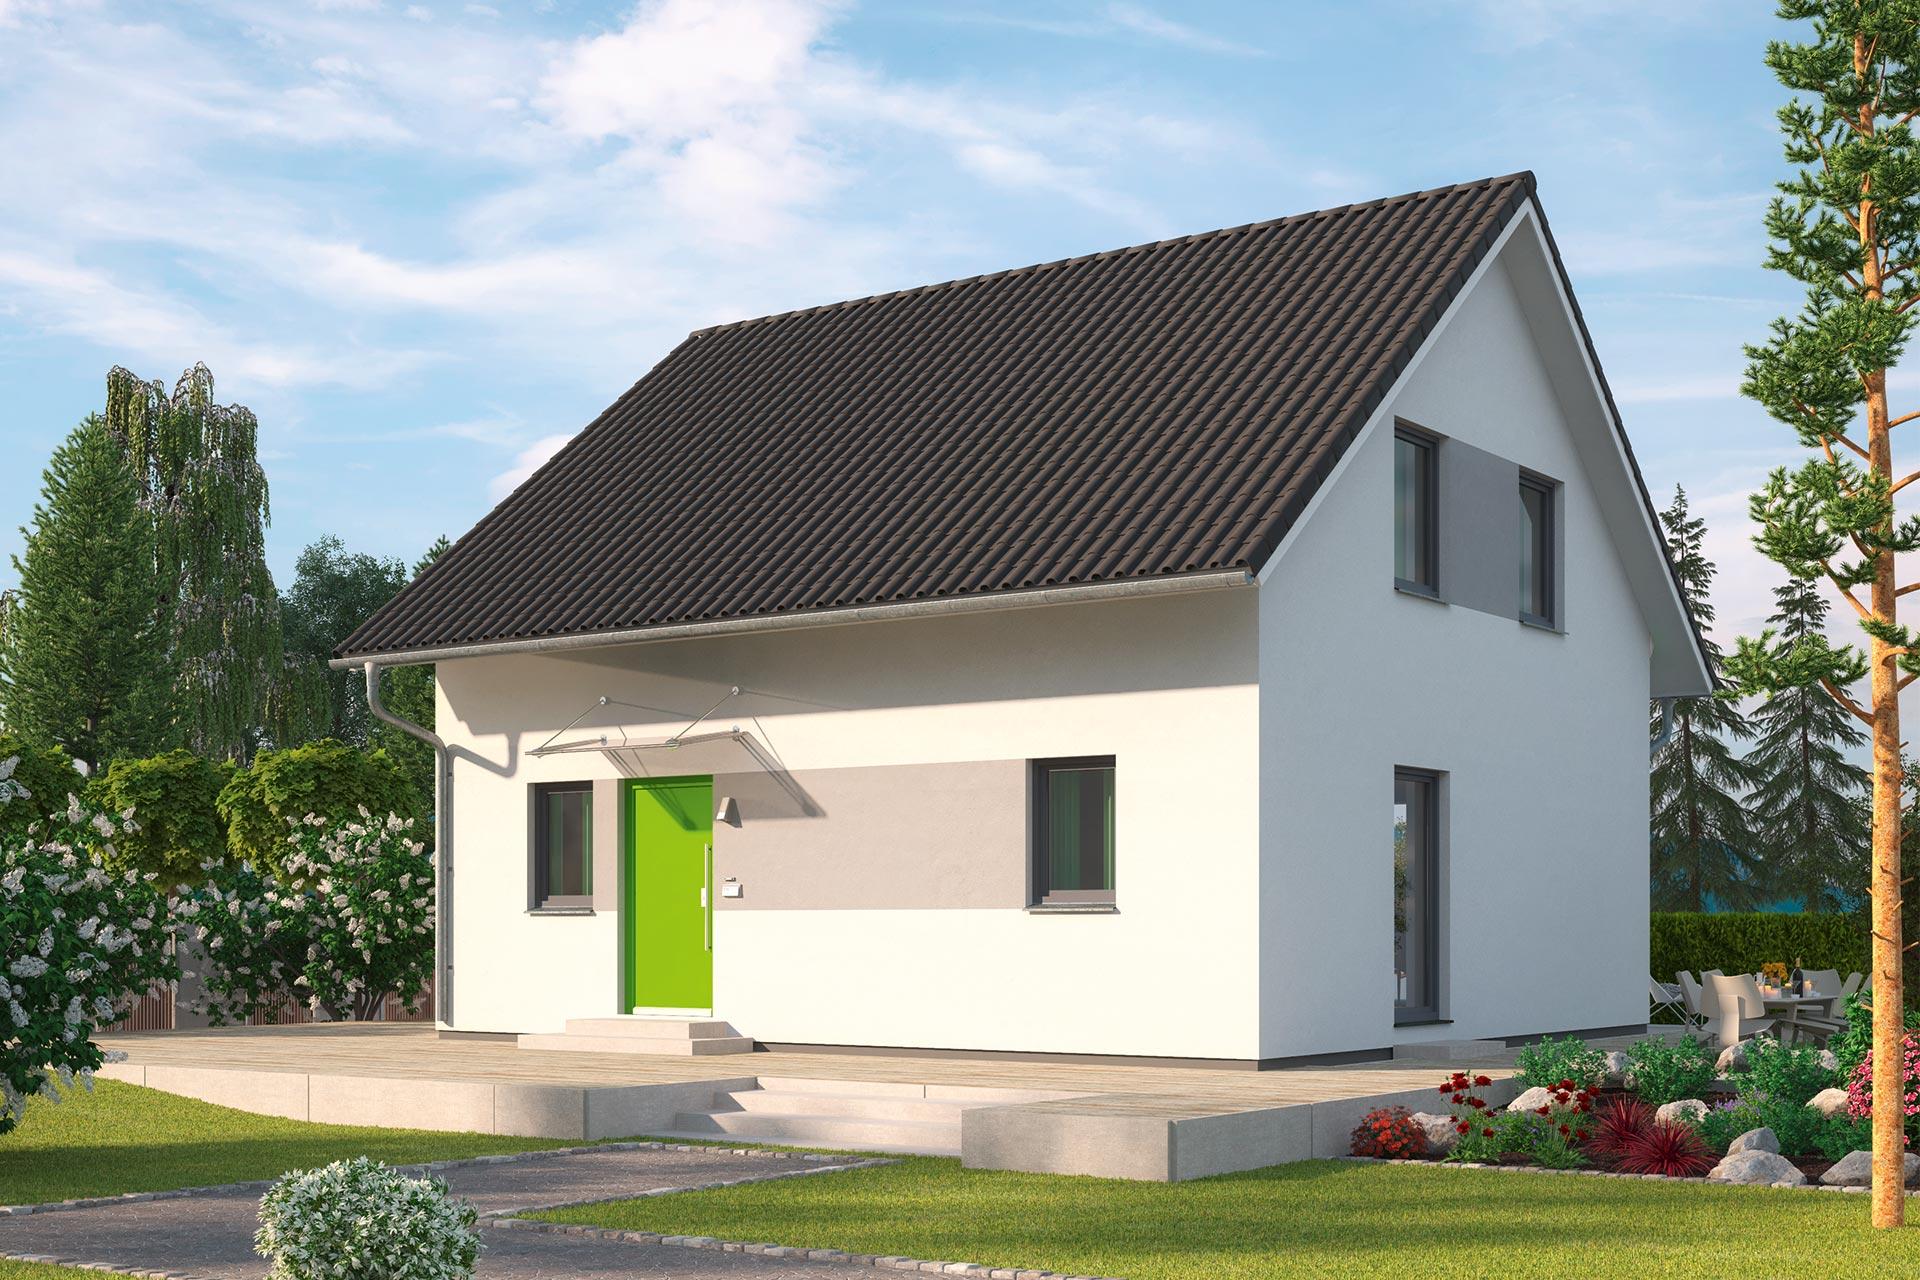 Einfamilienhaus günstig bauen - Fliederallee - ein Haus mit ...